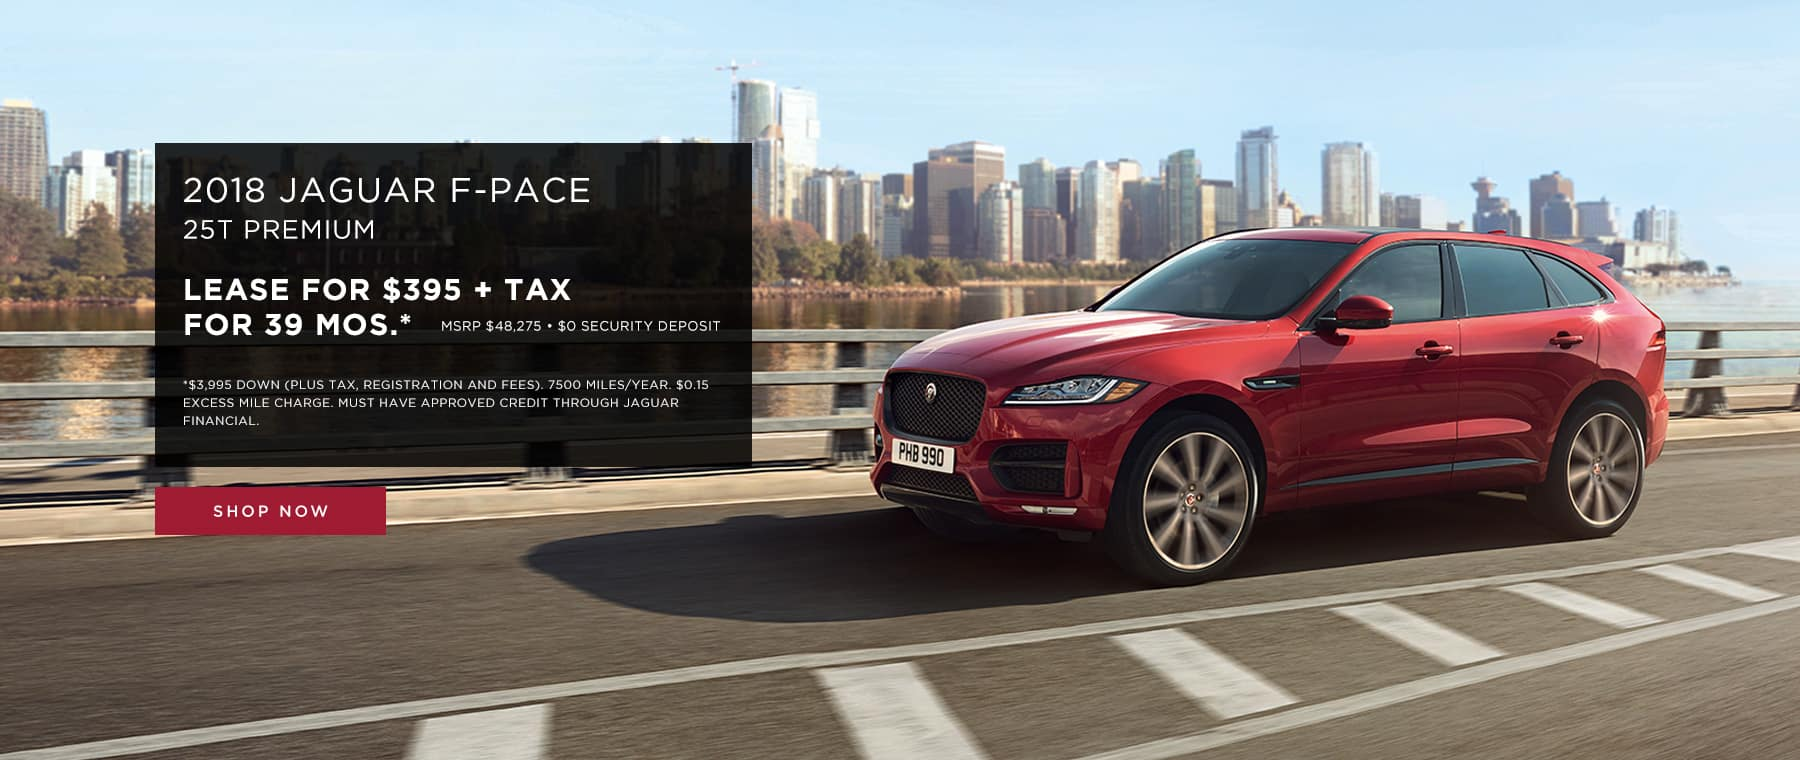 Jaguar F-Pace Lease Offer